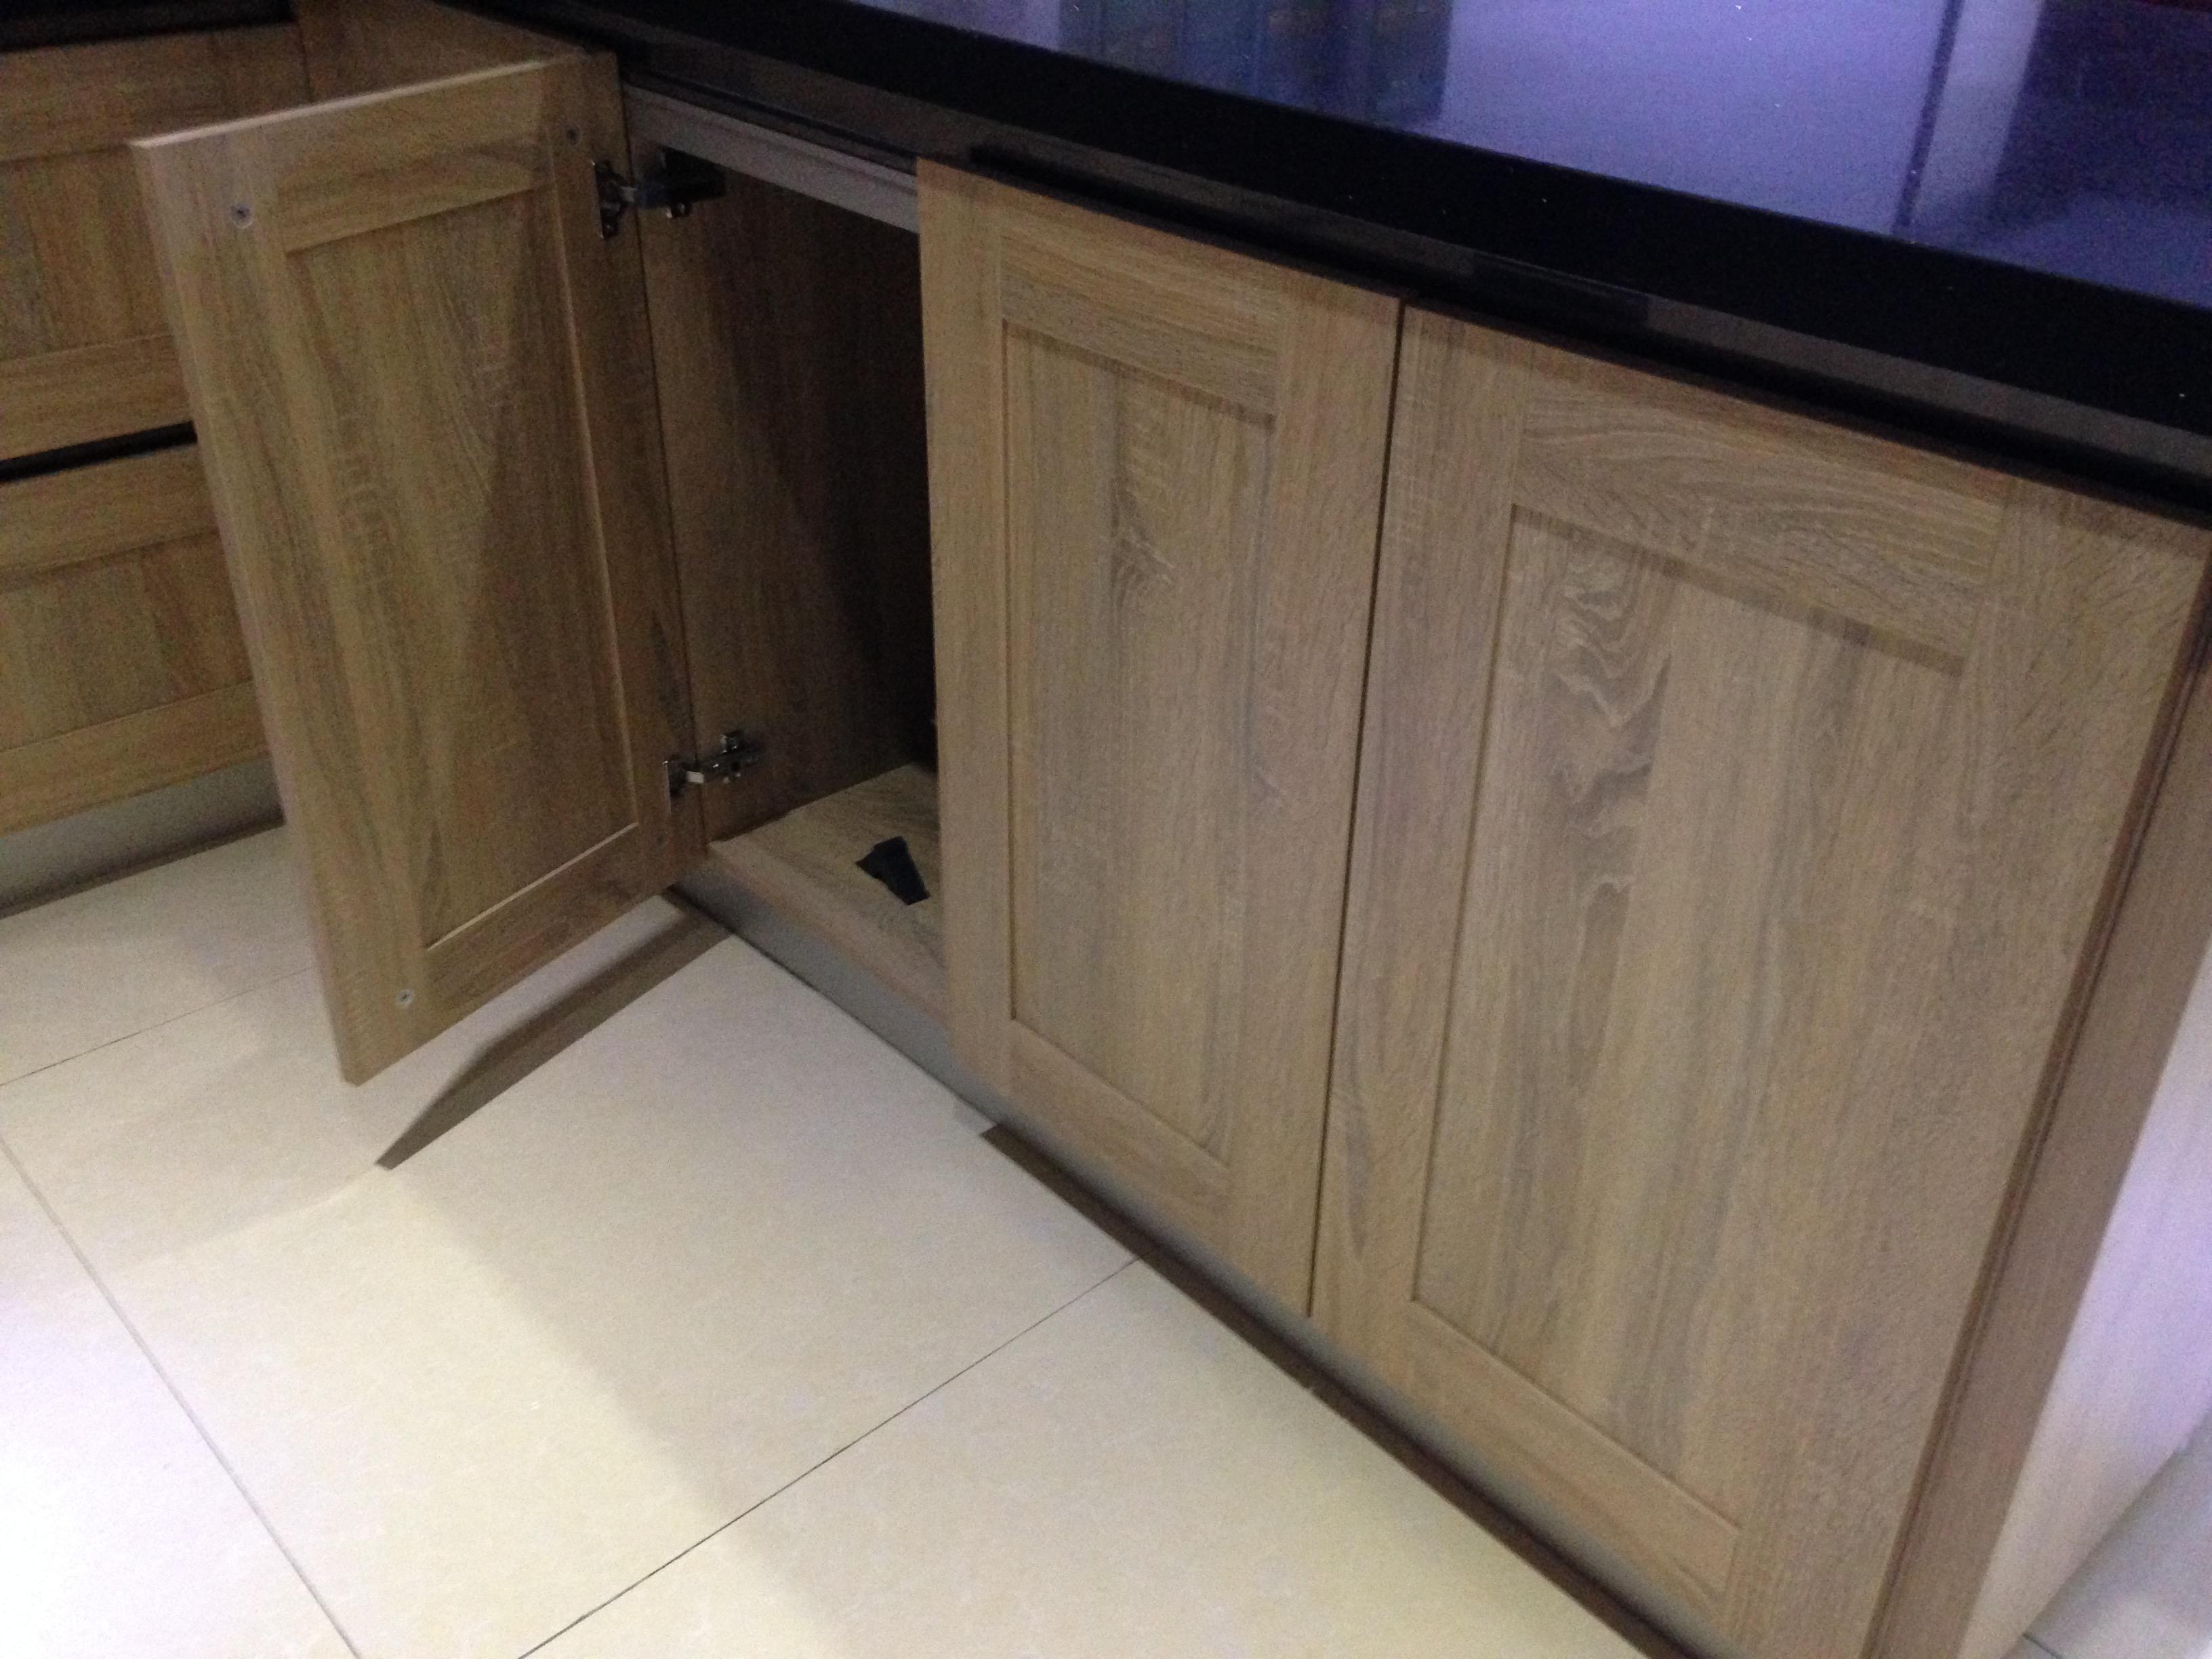 橱柜,作为家庭厨房的必备家具之一,无论是橱柜的五金材料还是板材质量,都是要达标且不能有任何污染的。橱柜分柜体与门板及面板等,对于门板,宜美康有质量更加优等的实木多层板来满足更多客户。 与橱柜柜体相较,橱柜门板更需要防水及耐磨性。在家居生活中,无可避免的会洒水或对门板磕磕碰碰,这时如果使用的是劣质板材,有些会雨水起鼓、开裂的情况发生,无论是从外观还是从实用性上面来说,都是非常糟糕的。而对于材质较差的板材来说,当有磕磕碰碰的情况发生时,板面一旦有坑出现,直接影响着橱柜厂家的后期维修。